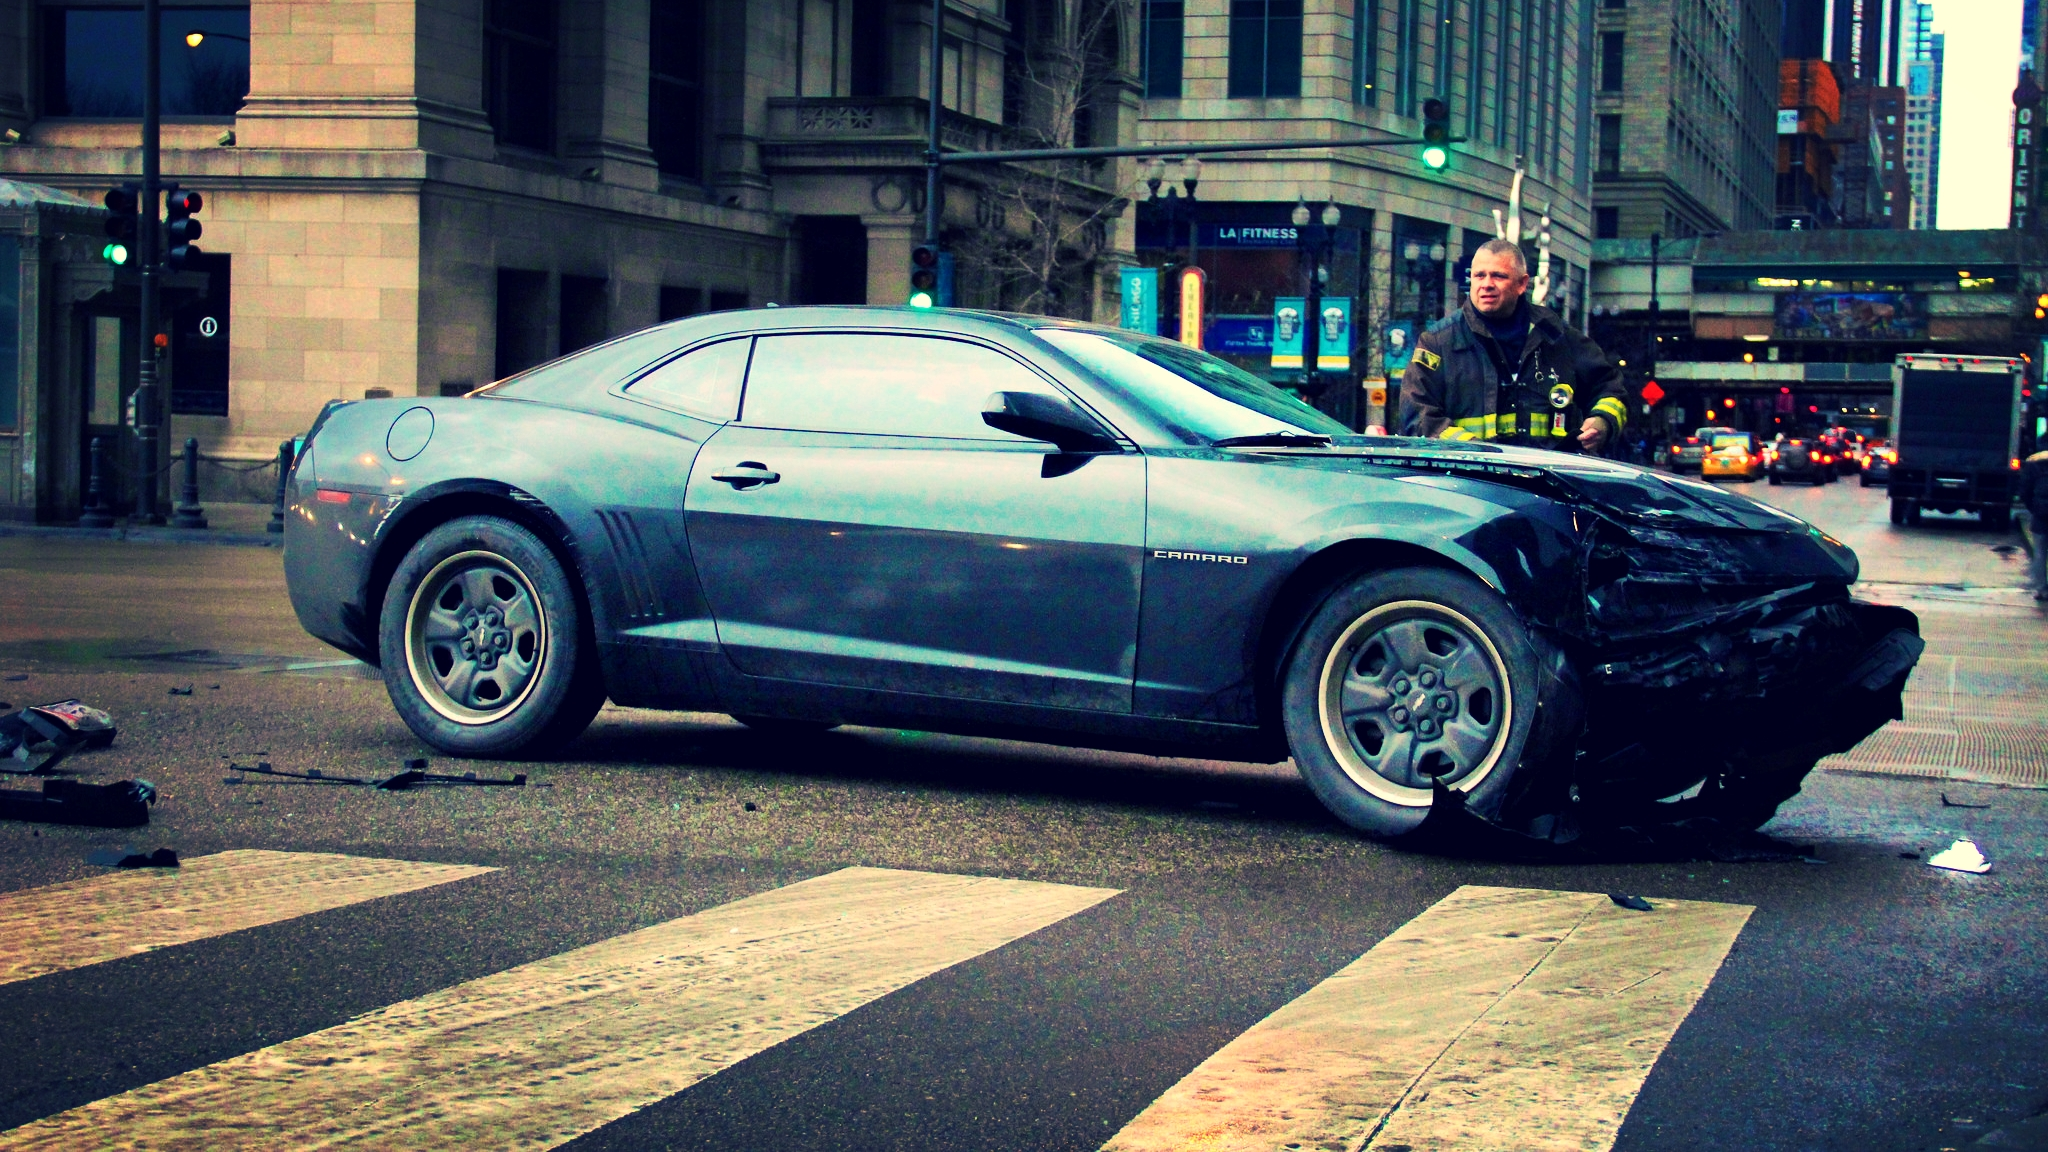 Westland Car Accident Lawyer